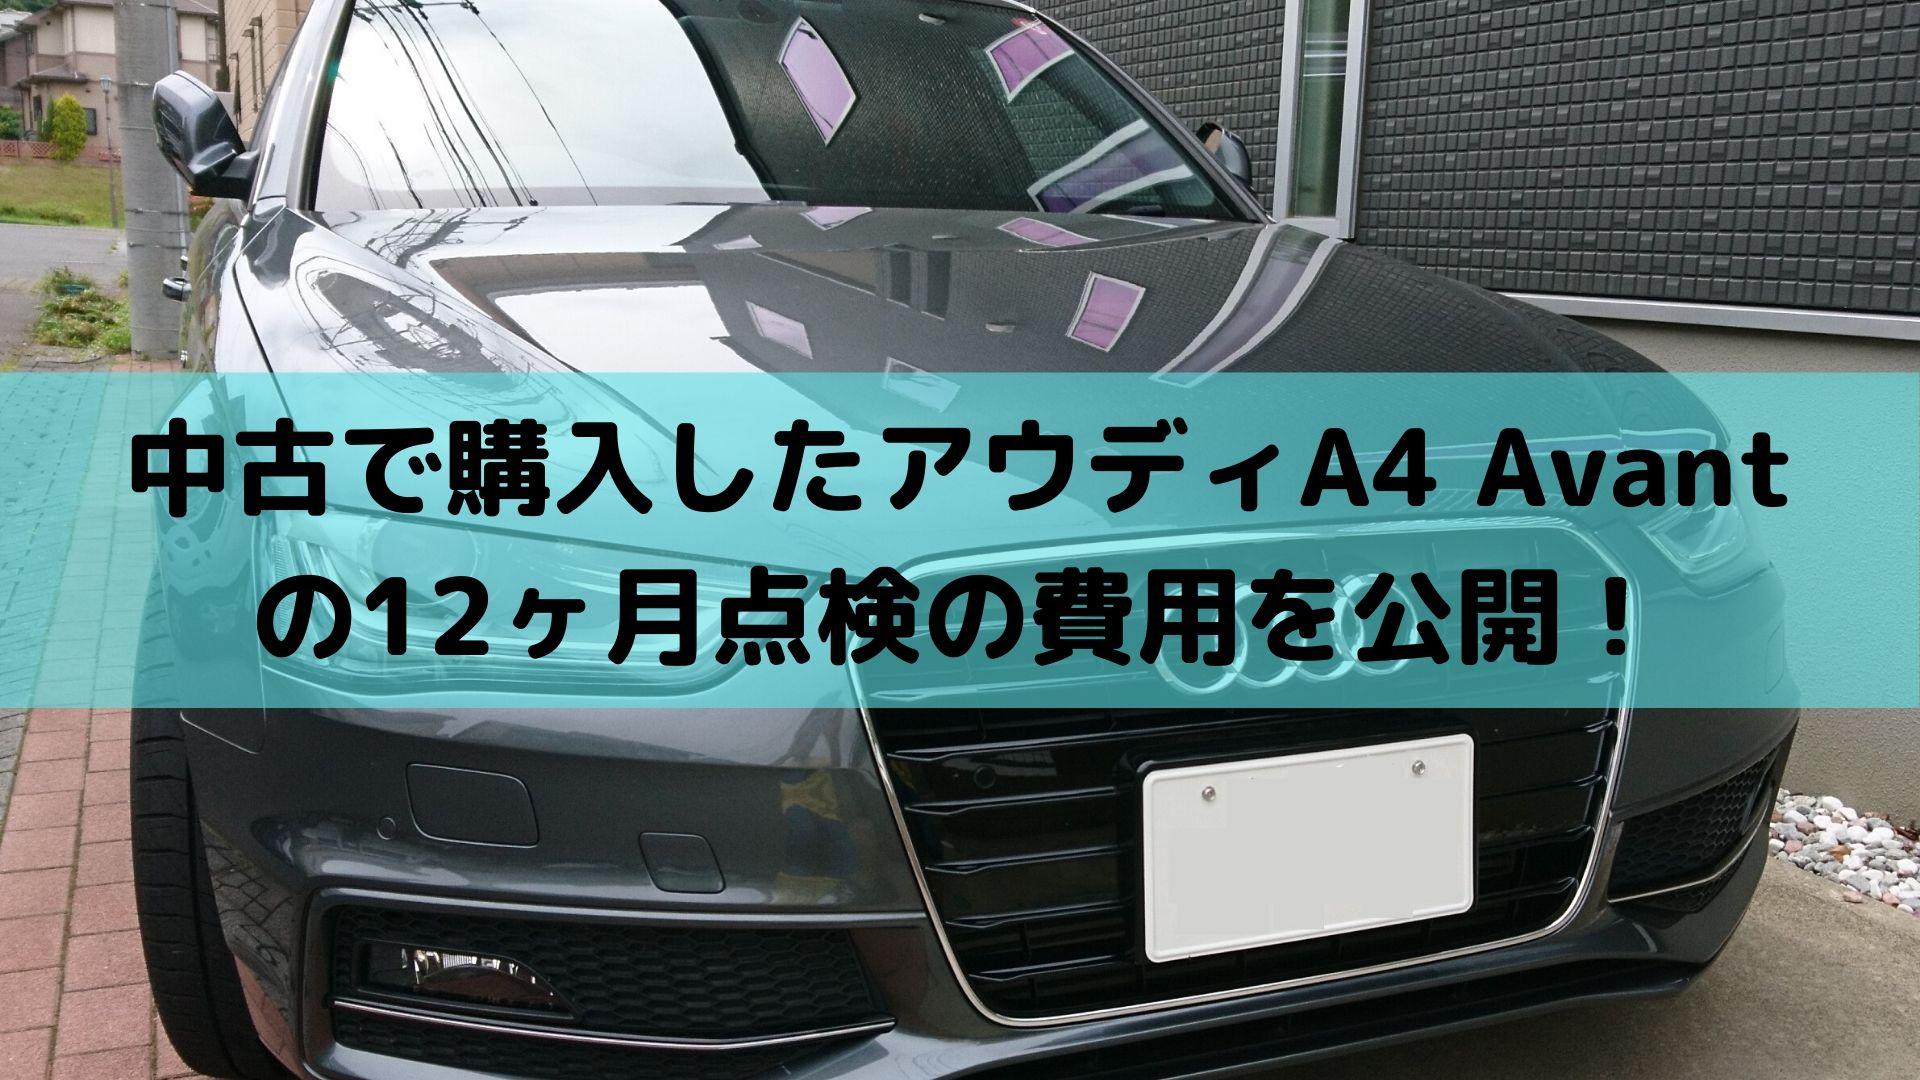 中古で購入したアウディA4 Avantの12ヶ月点検の費用を公開!